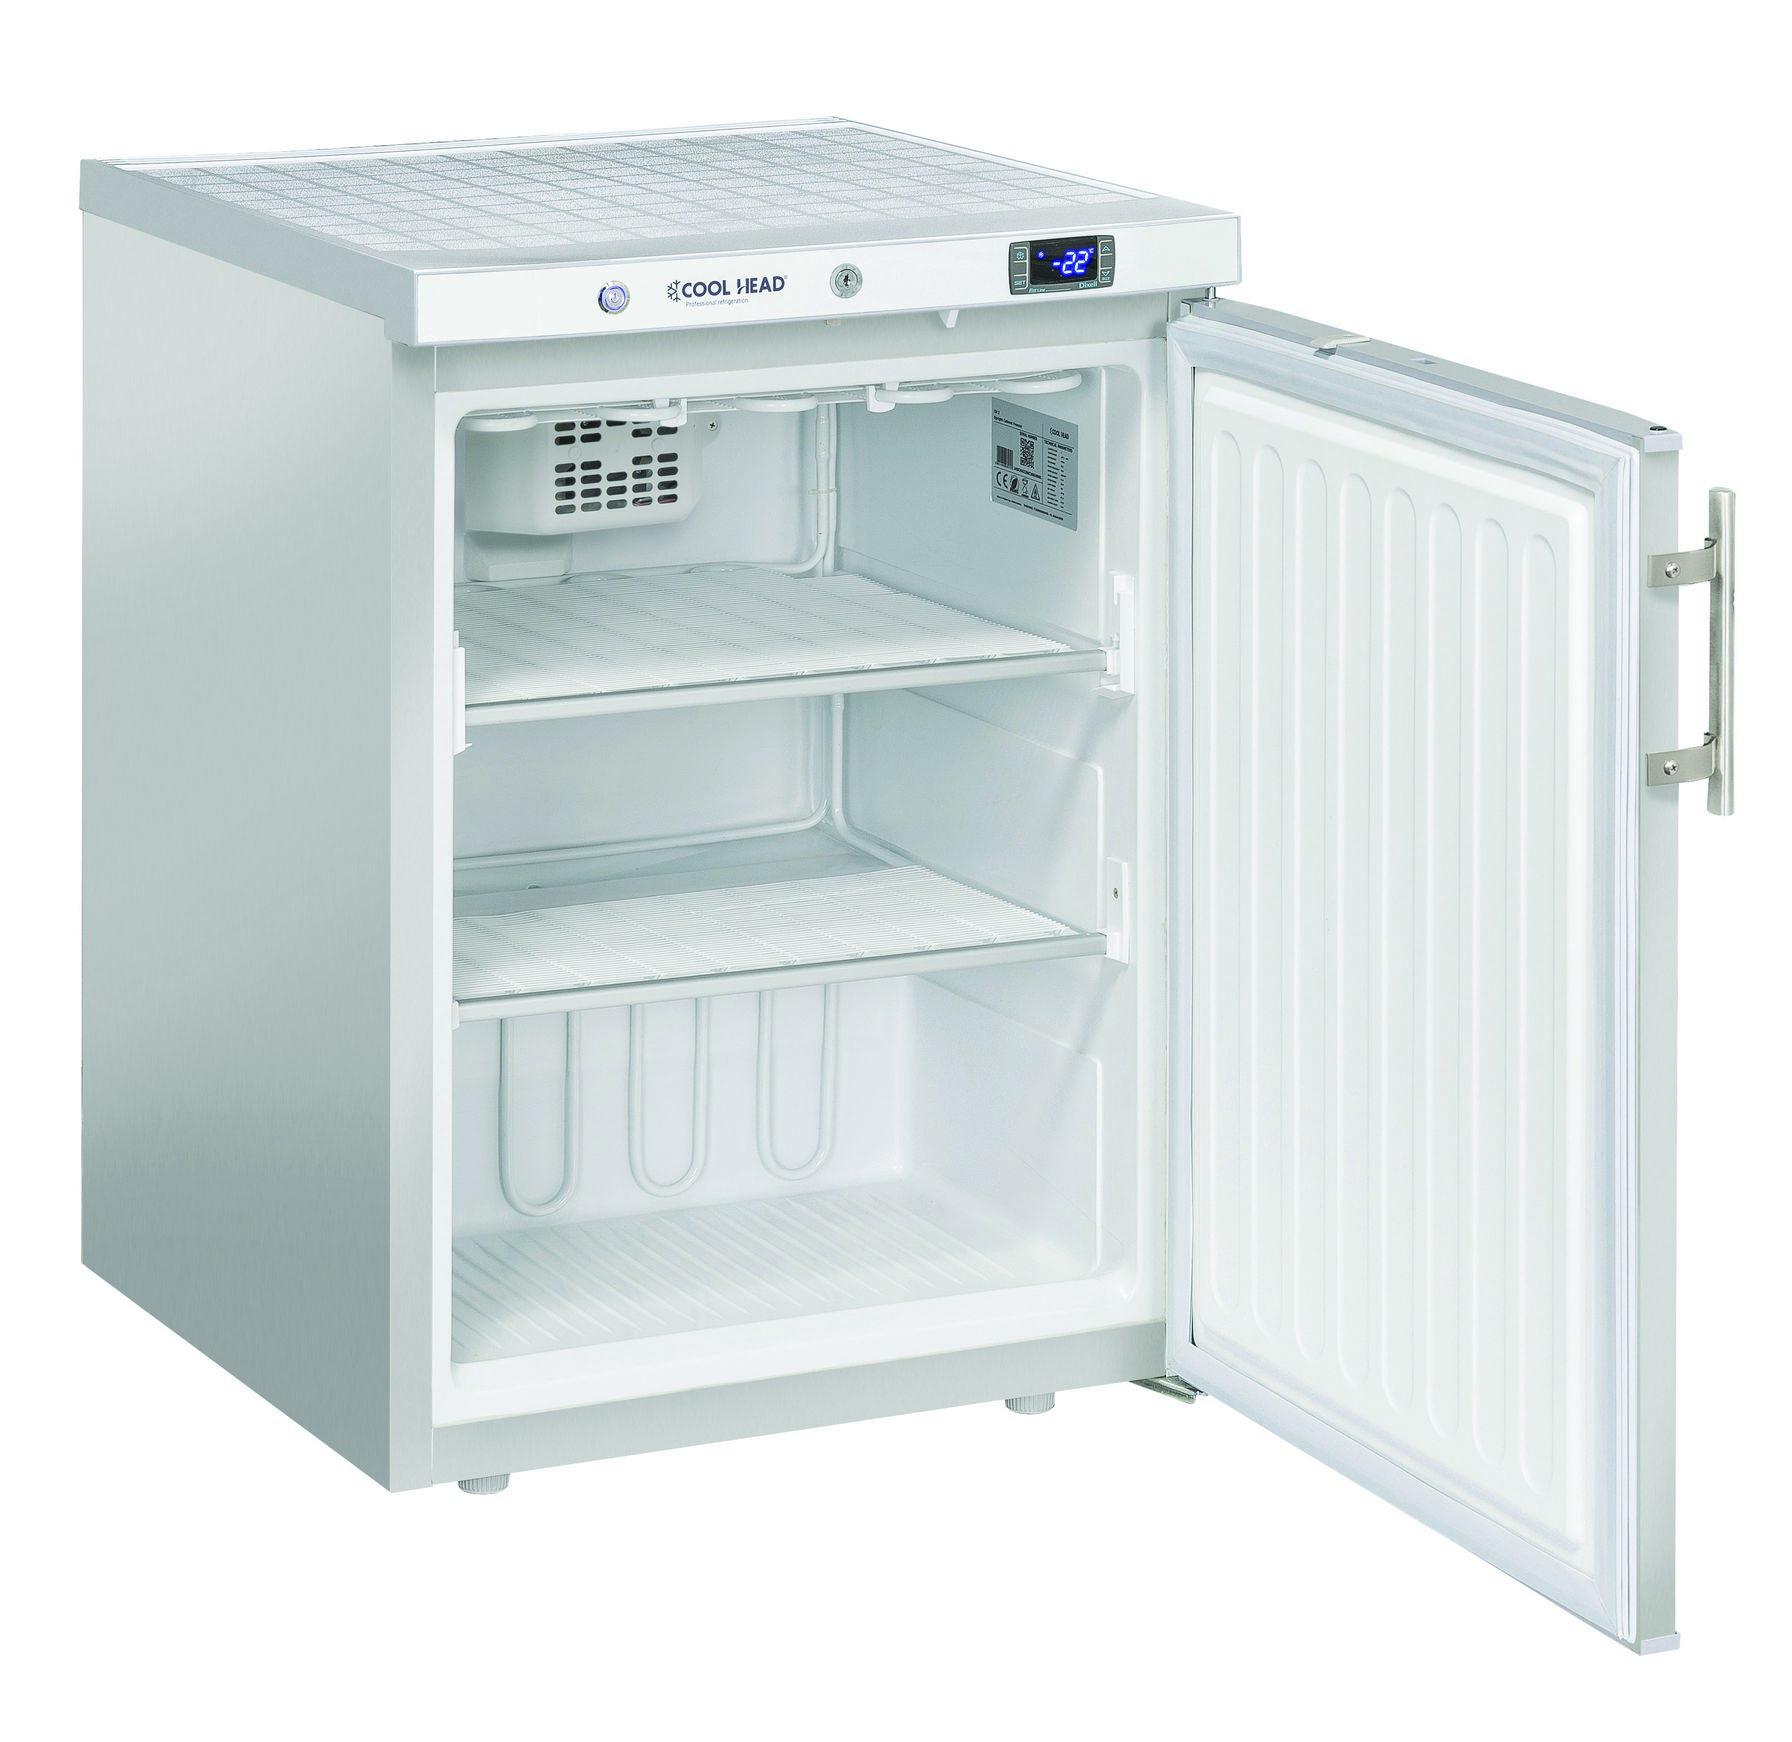 200 literes mélyhűtő, statikus hűtéssel, teli ajtóval, rozsdamentes